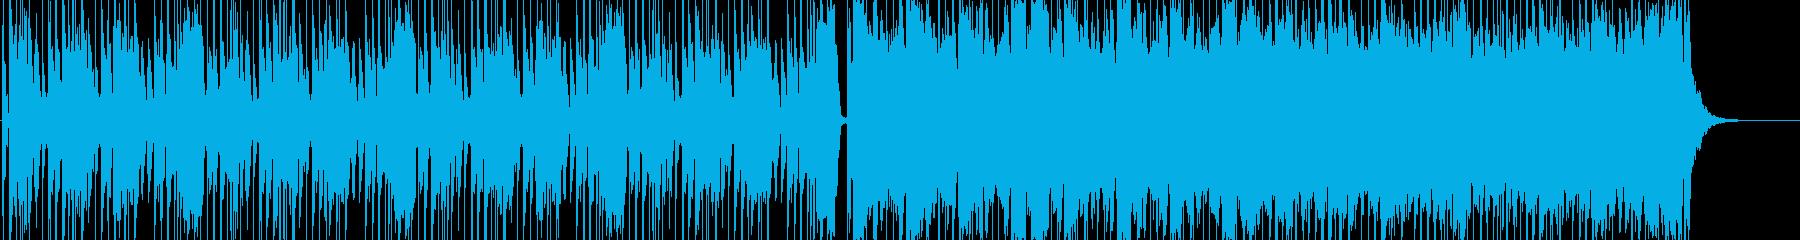 ロック、ドライビング、ギター、エク...の再生済みの波形